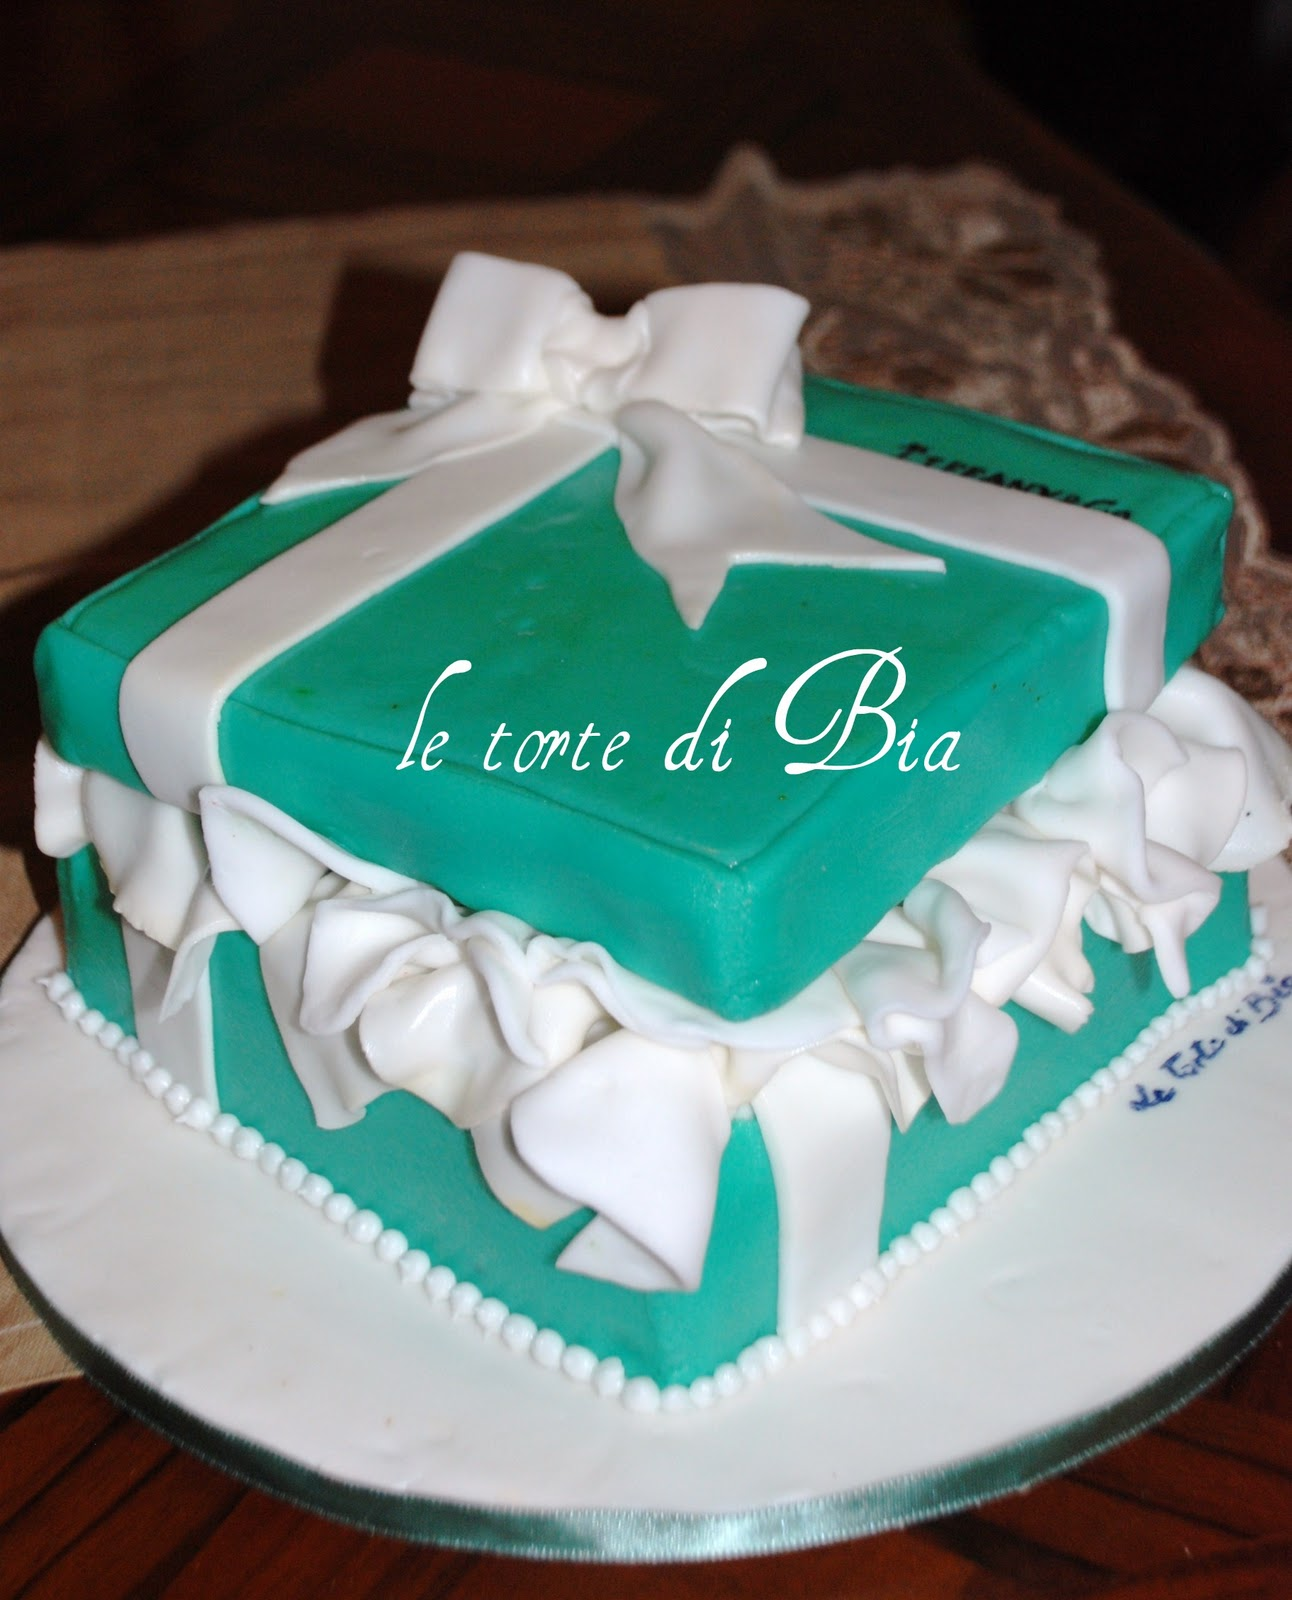 Bia cake design: Compleanno da Tiffany